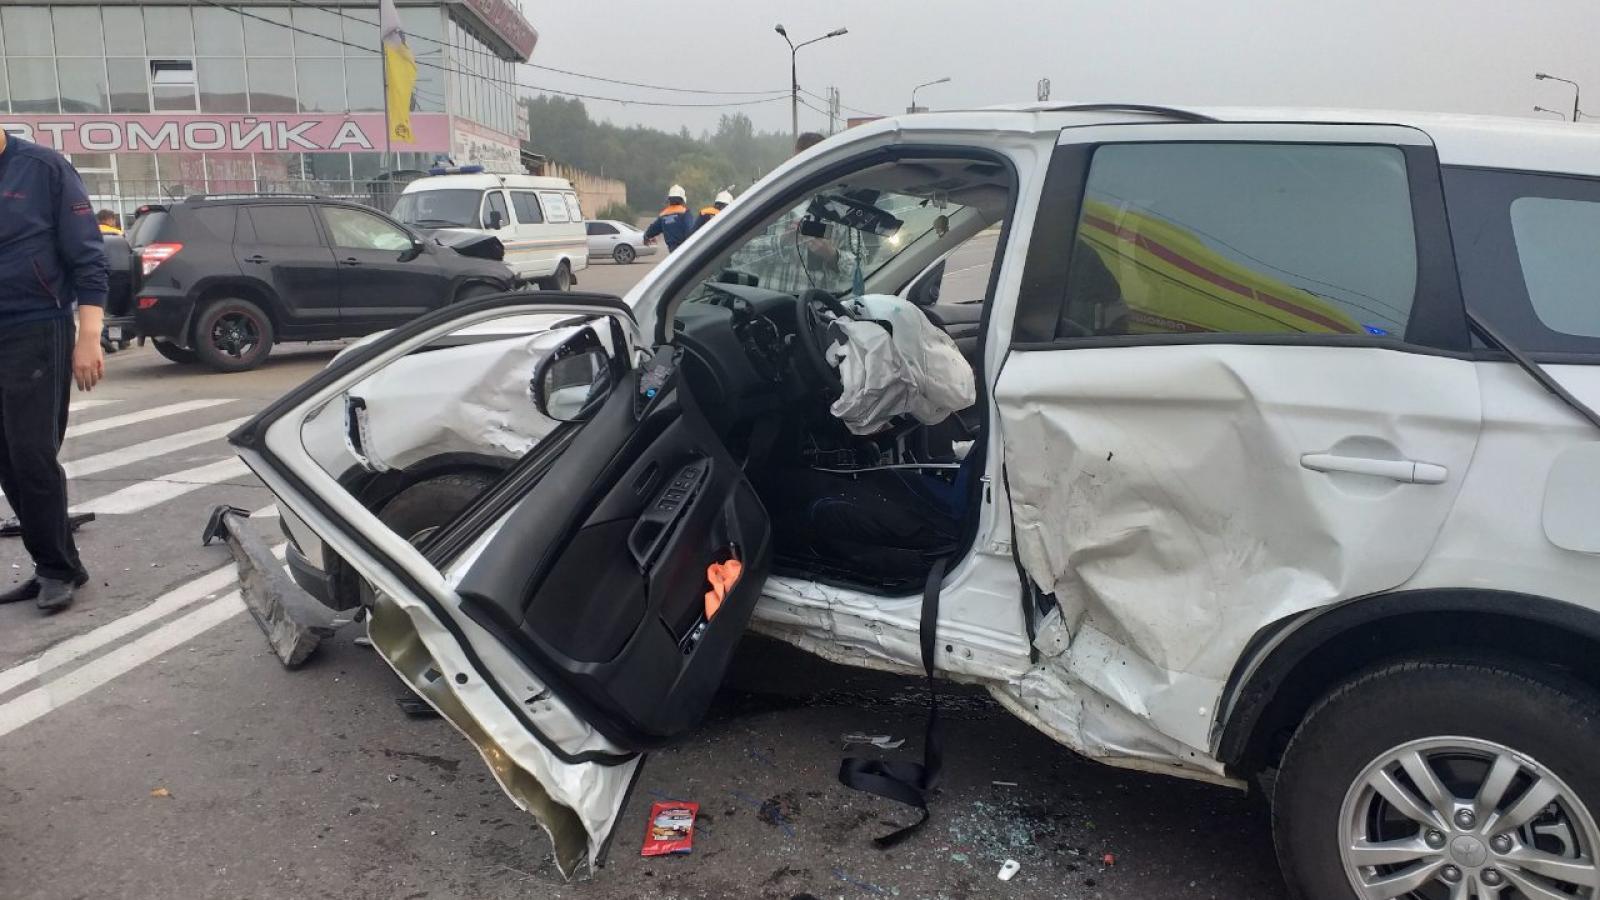 3 человека получили серьезные травмы в ДТП в Череповце